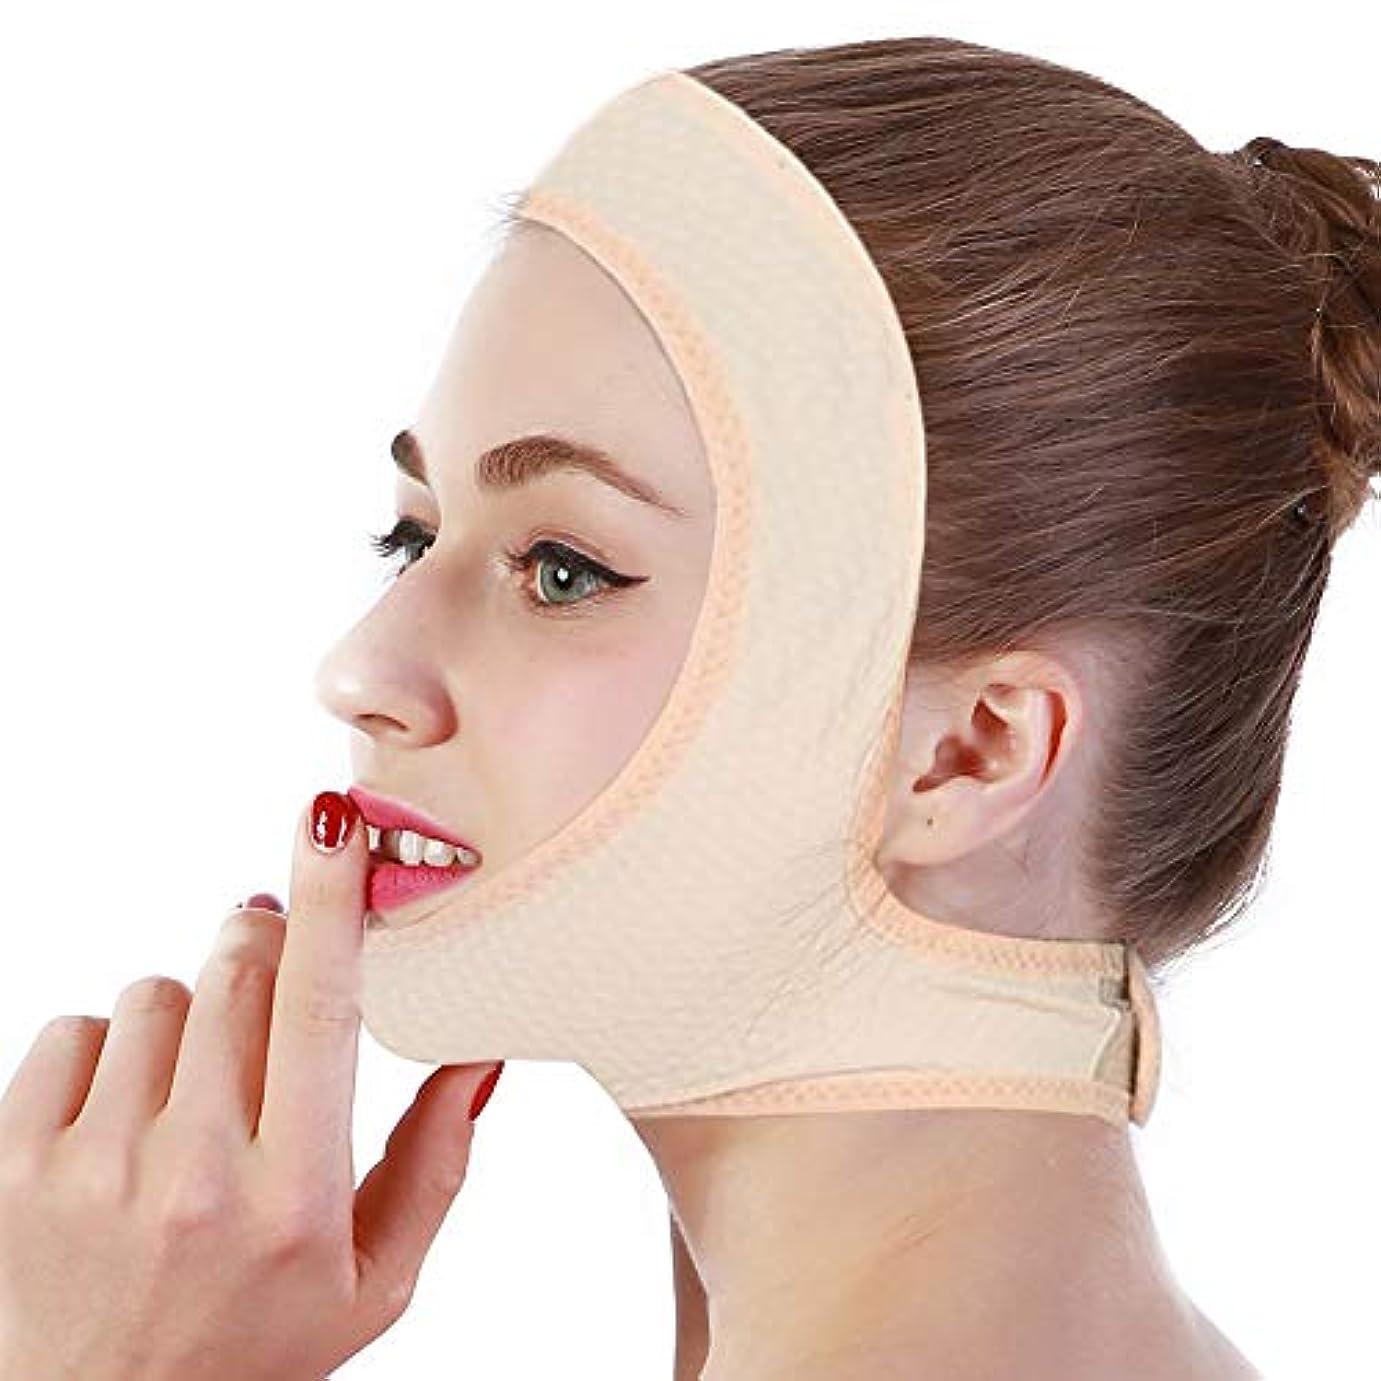 ルーチンマエストロ痴漢フェイスマッサージ肌の色フェイスリフティングマスク薄いあご矯正ツール顔の輪郭調整包帯